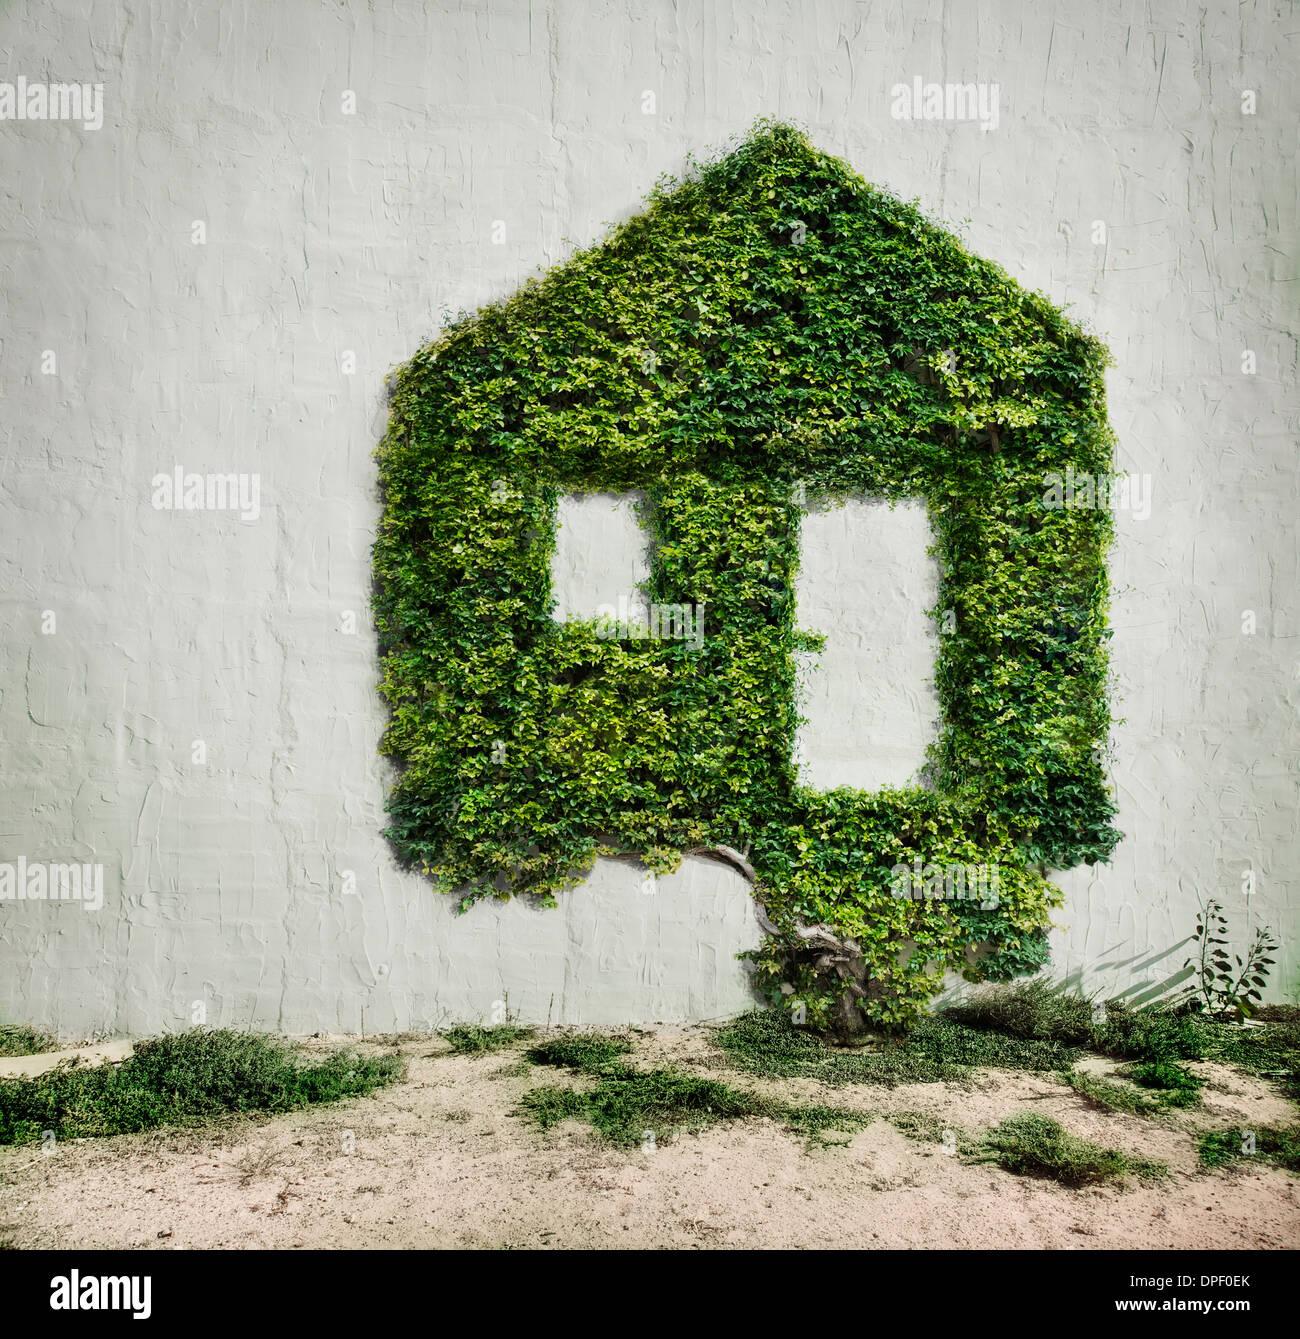 Efeu wächst in Form eines Hauses Stockbild